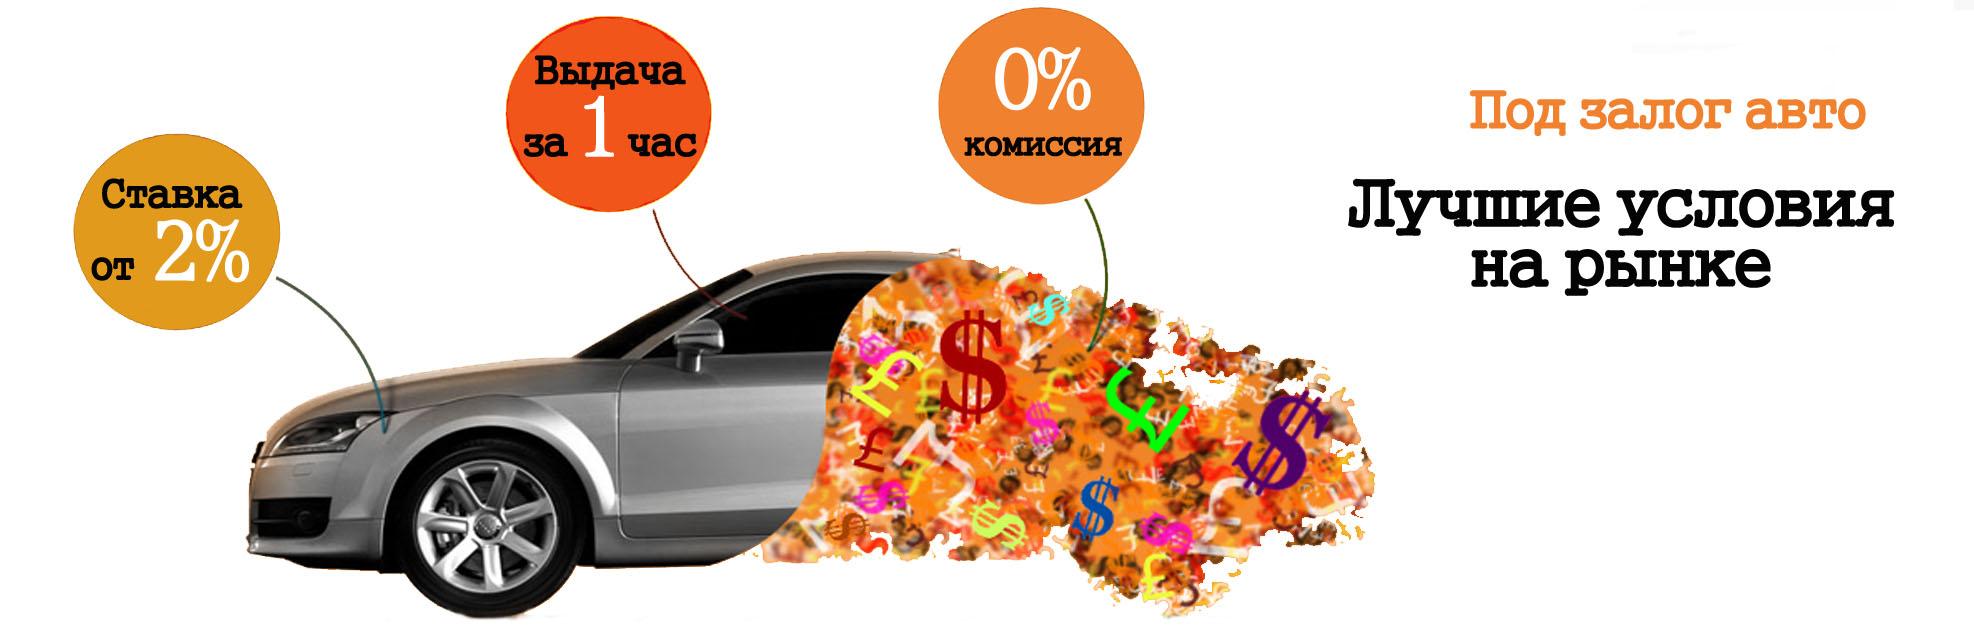 Купить авто в кредит с пробегом без первоначального взноса краснодар